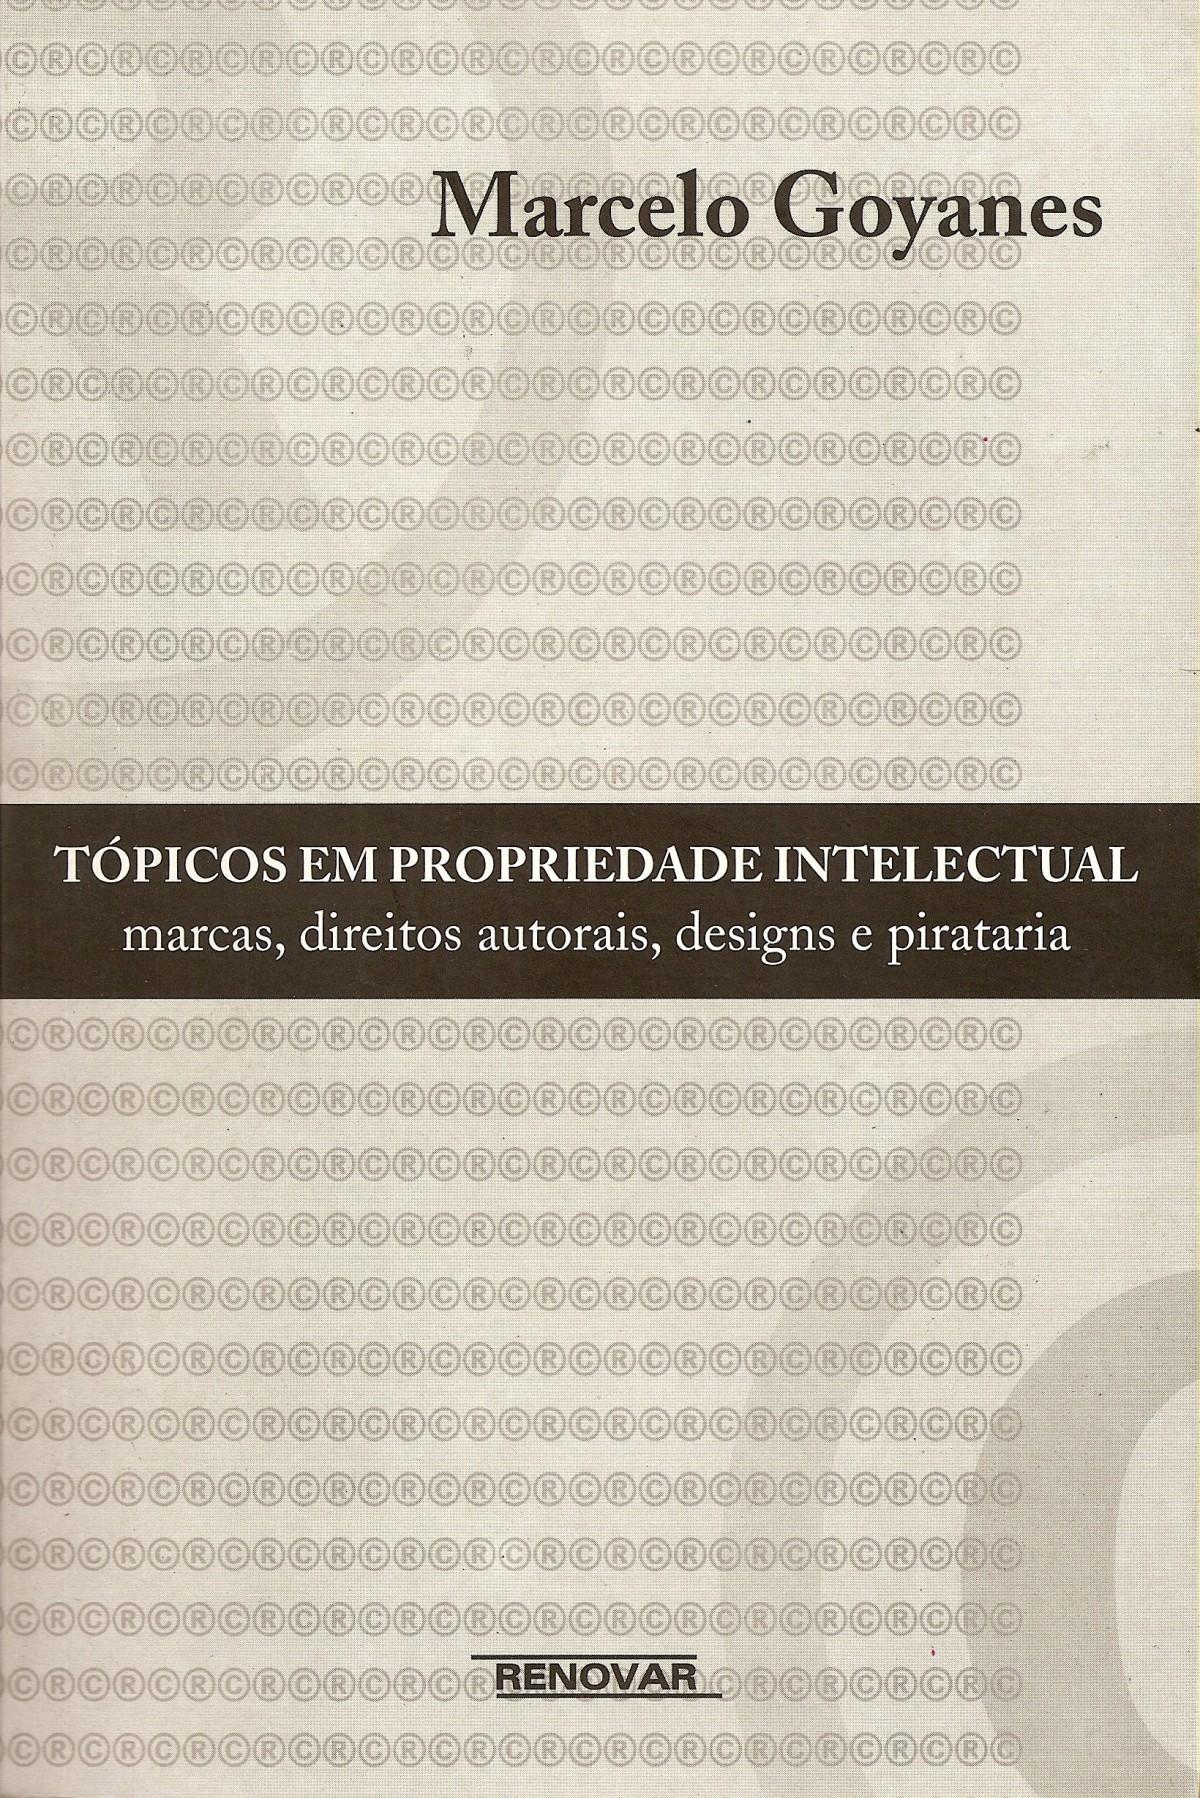 Foto 1 - Tópicos em Propriedade Intelectual